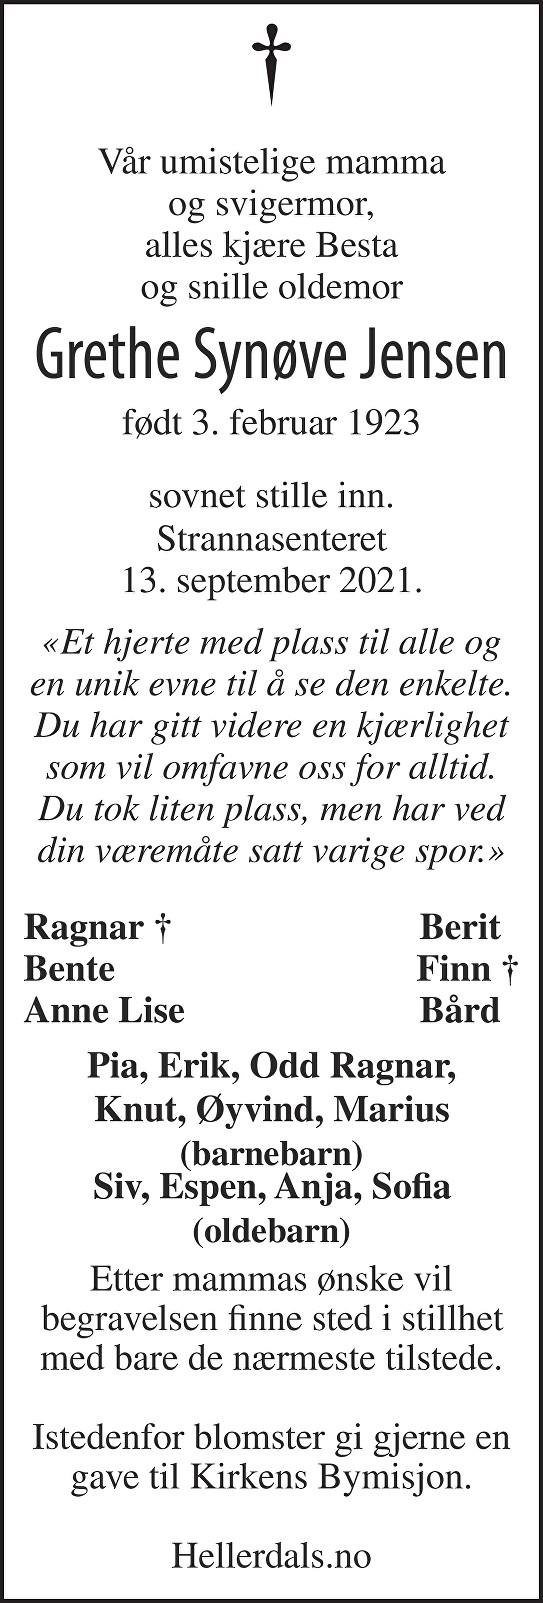 Grethe Synøve Jensen Dødsannonse